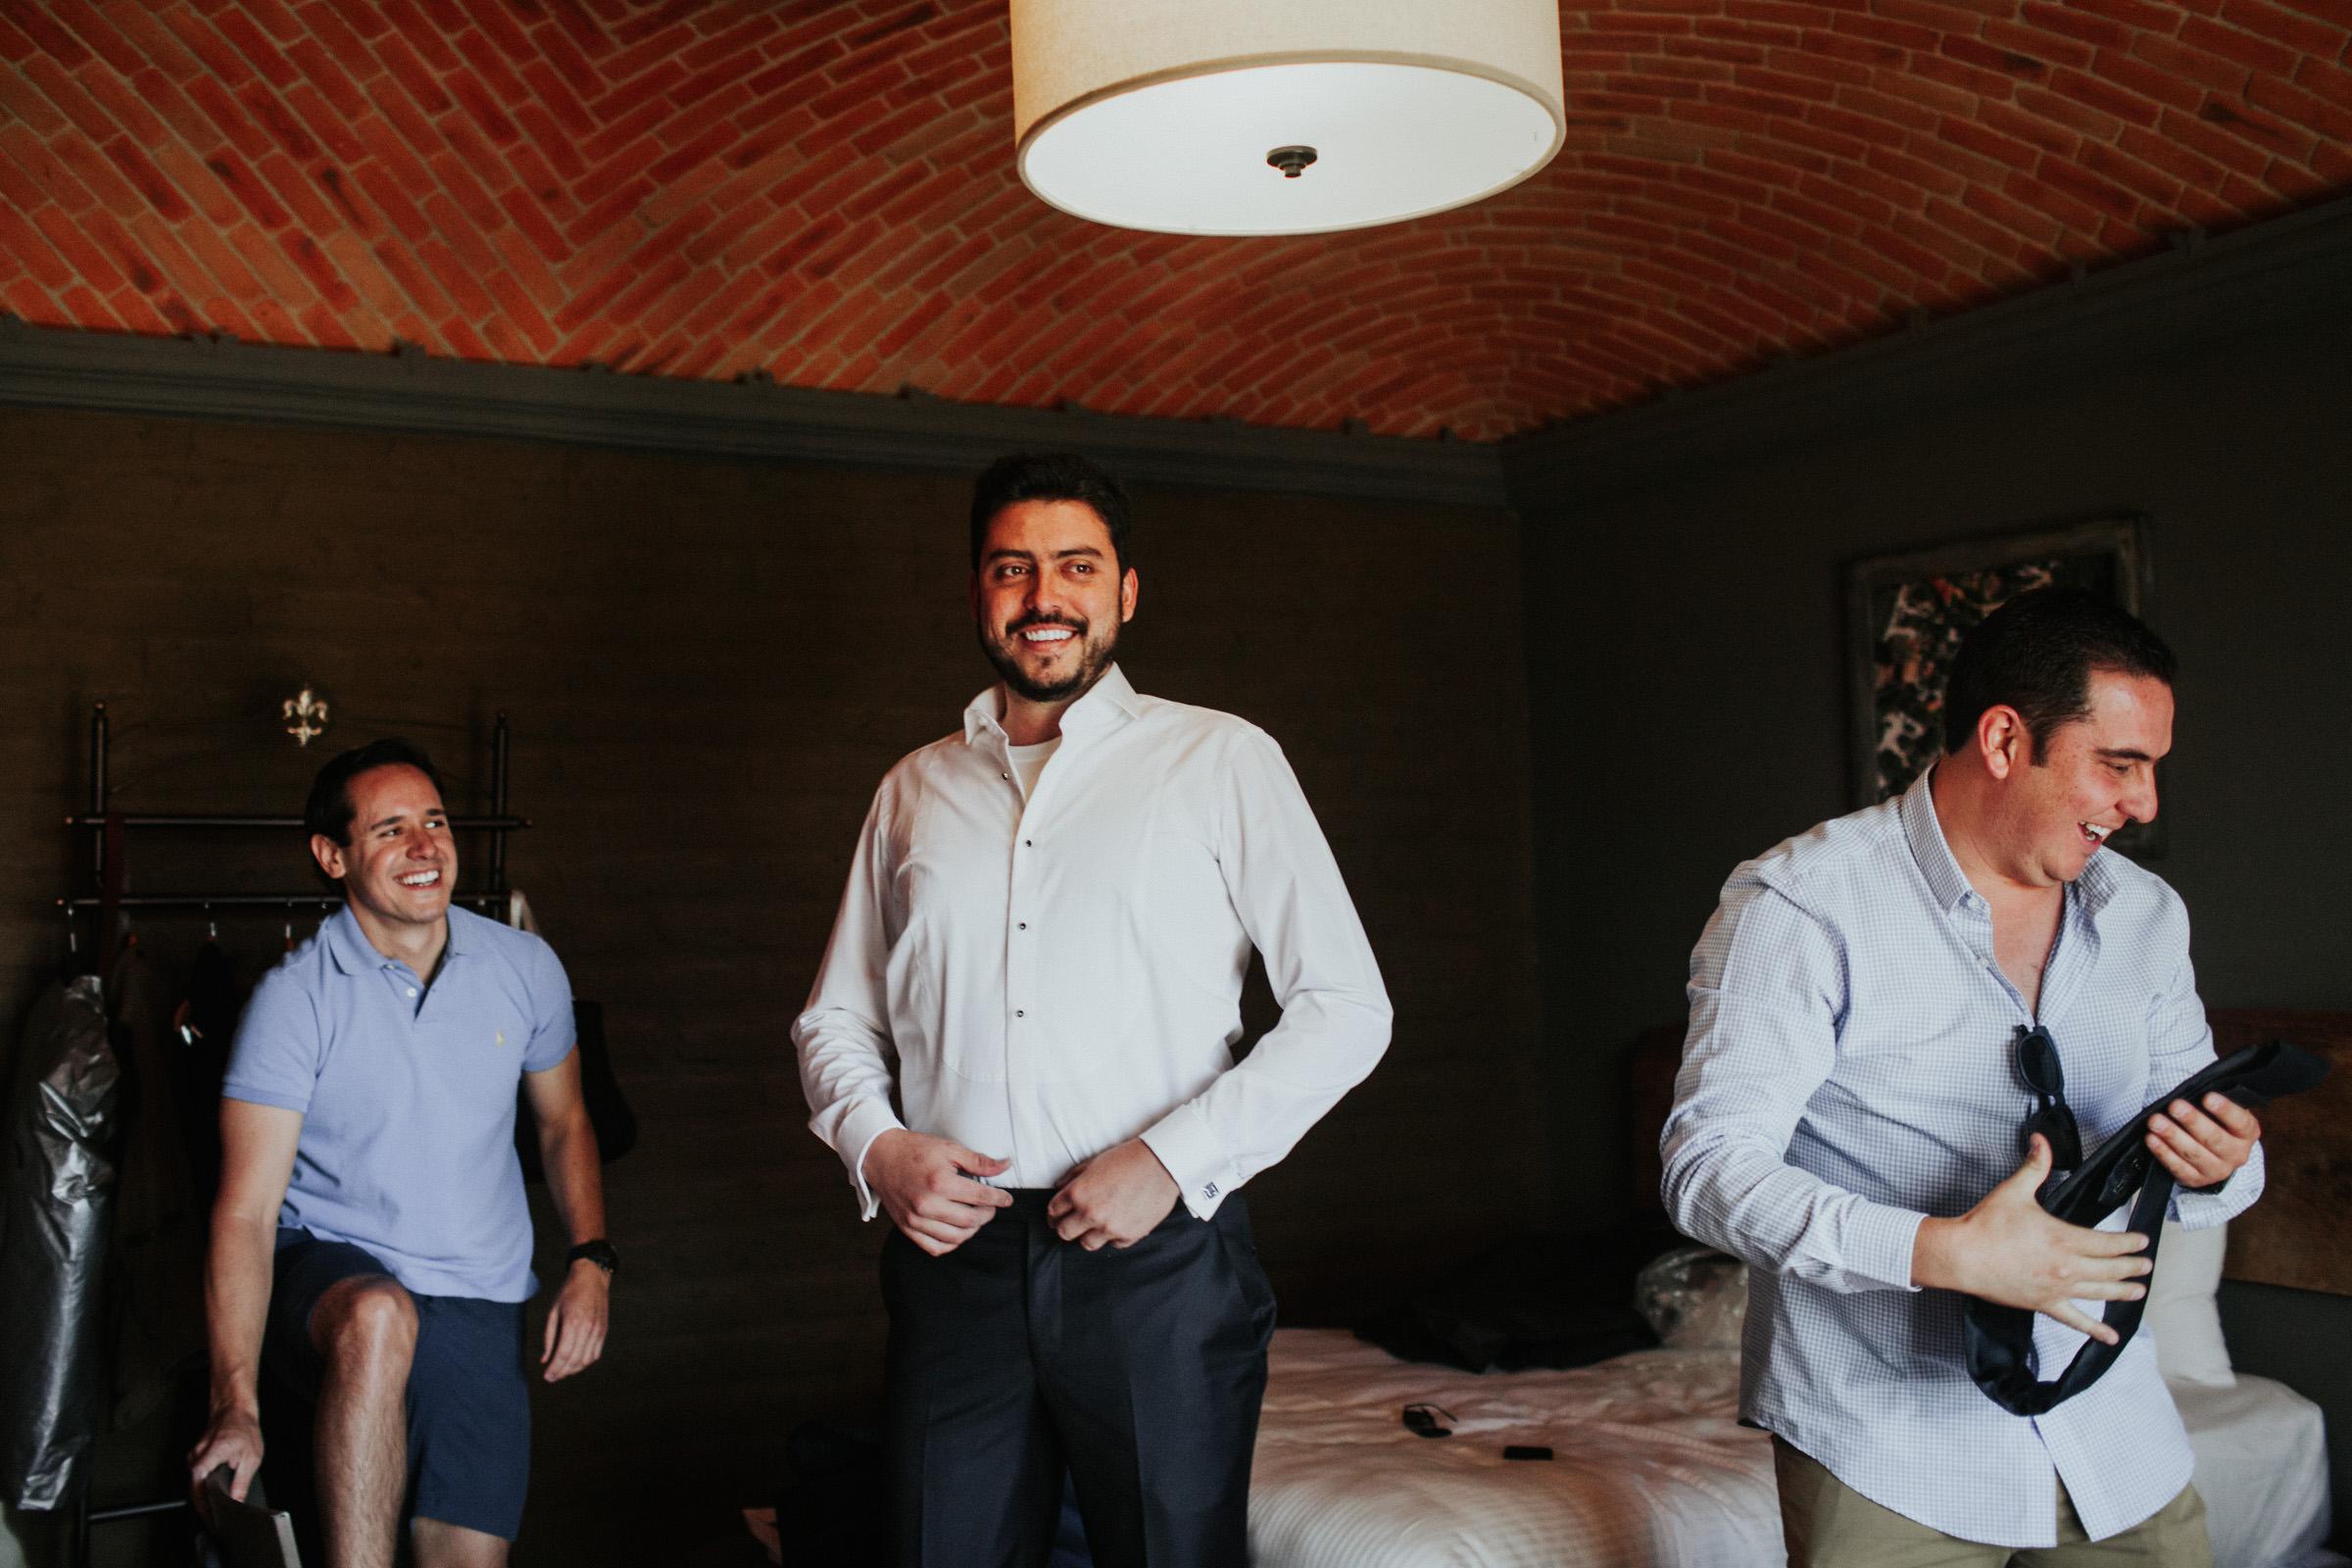 Boda-Guanajuato-Camino-de-Vinos-San-Miguel-Allende-Wedding-Fotografia-Paulina-Mauricio-Pierce0112.JPG